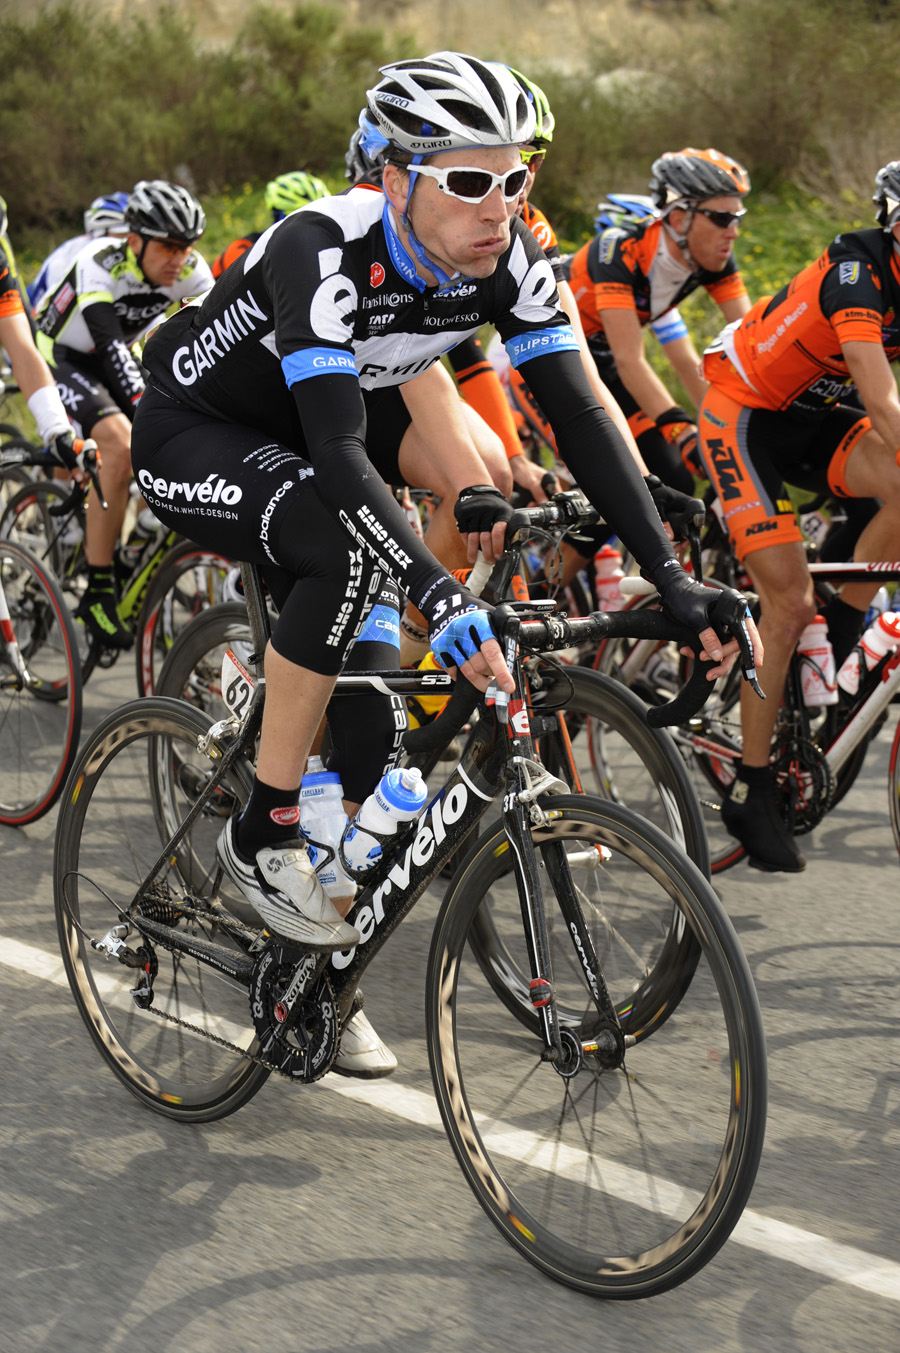 David Zabriskie, Tour of Murcia 2011, stage one